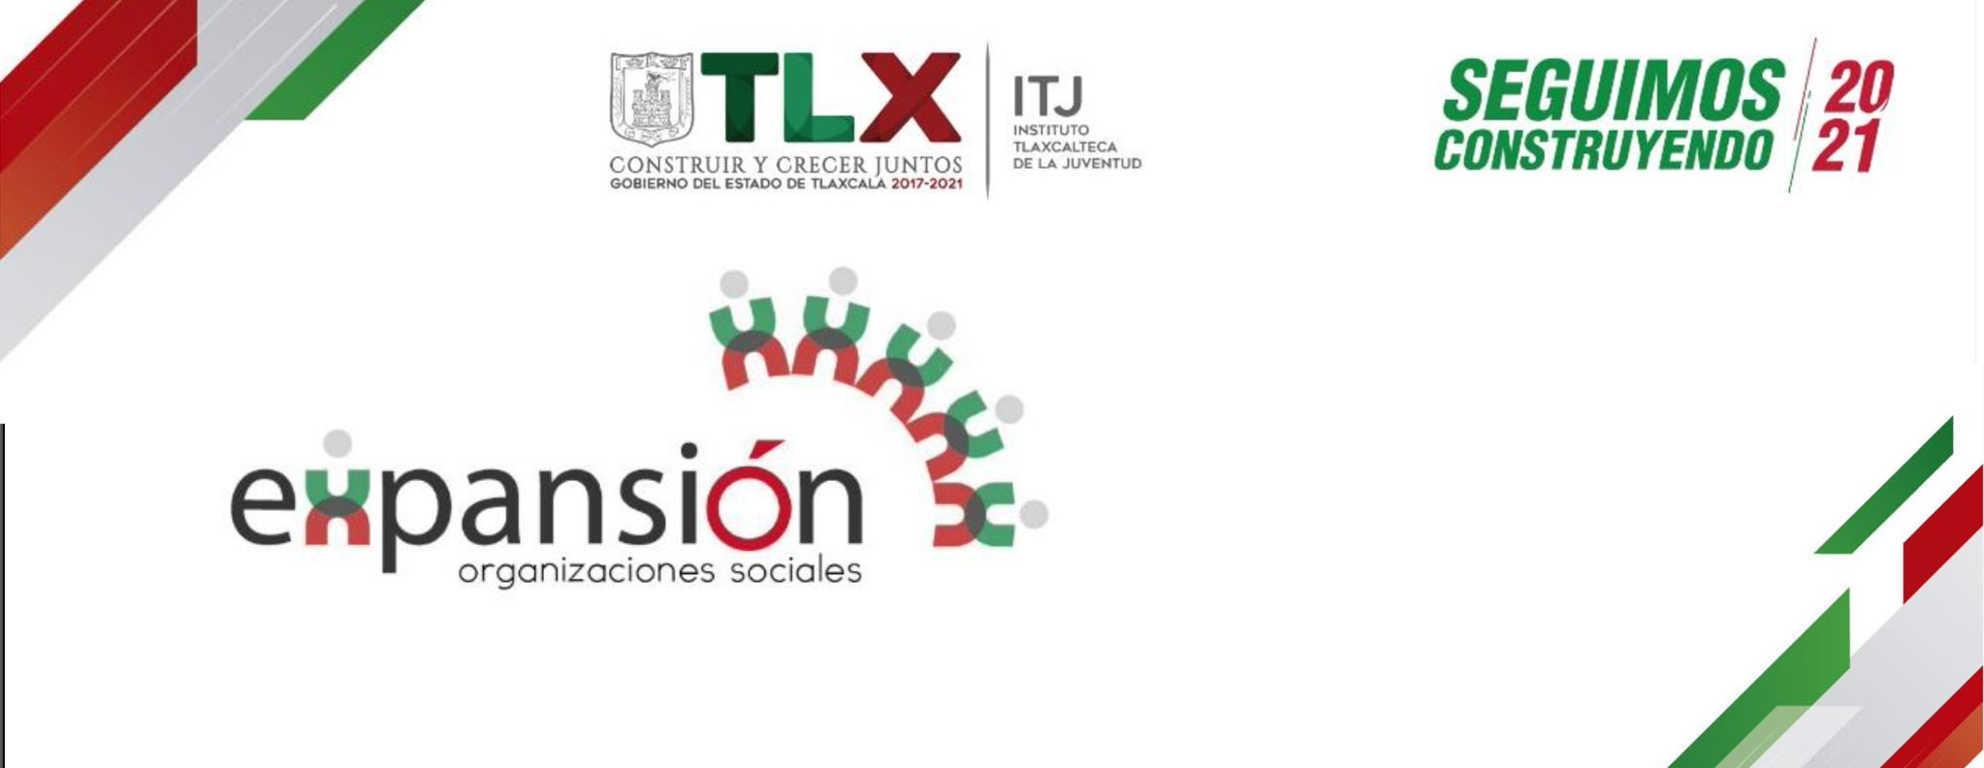 Invita ITJ a organizaciones civiles a participar en la convocatoria expansión